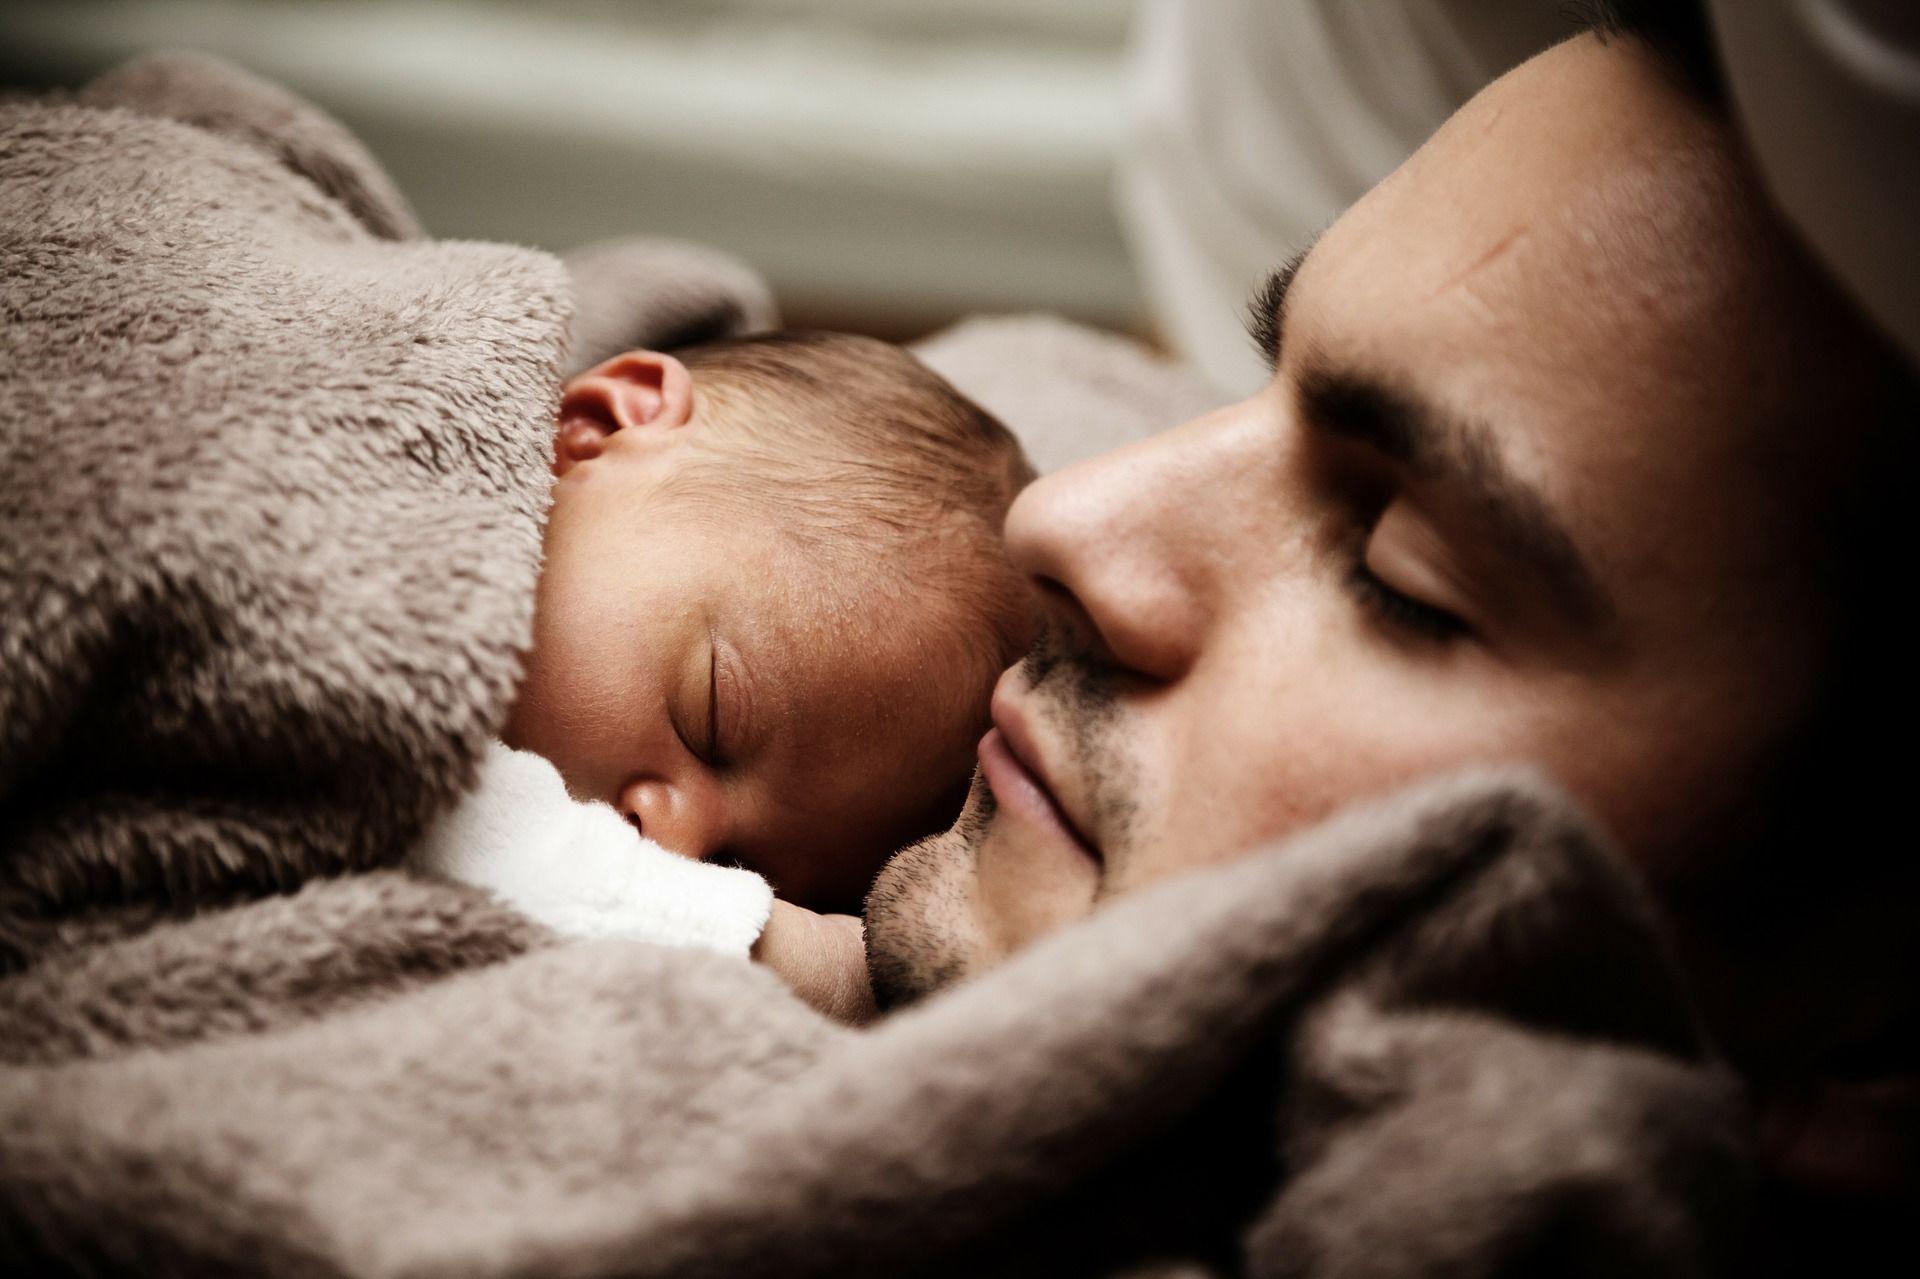 Voiko vauvan jättää tunniksi hoitoon?